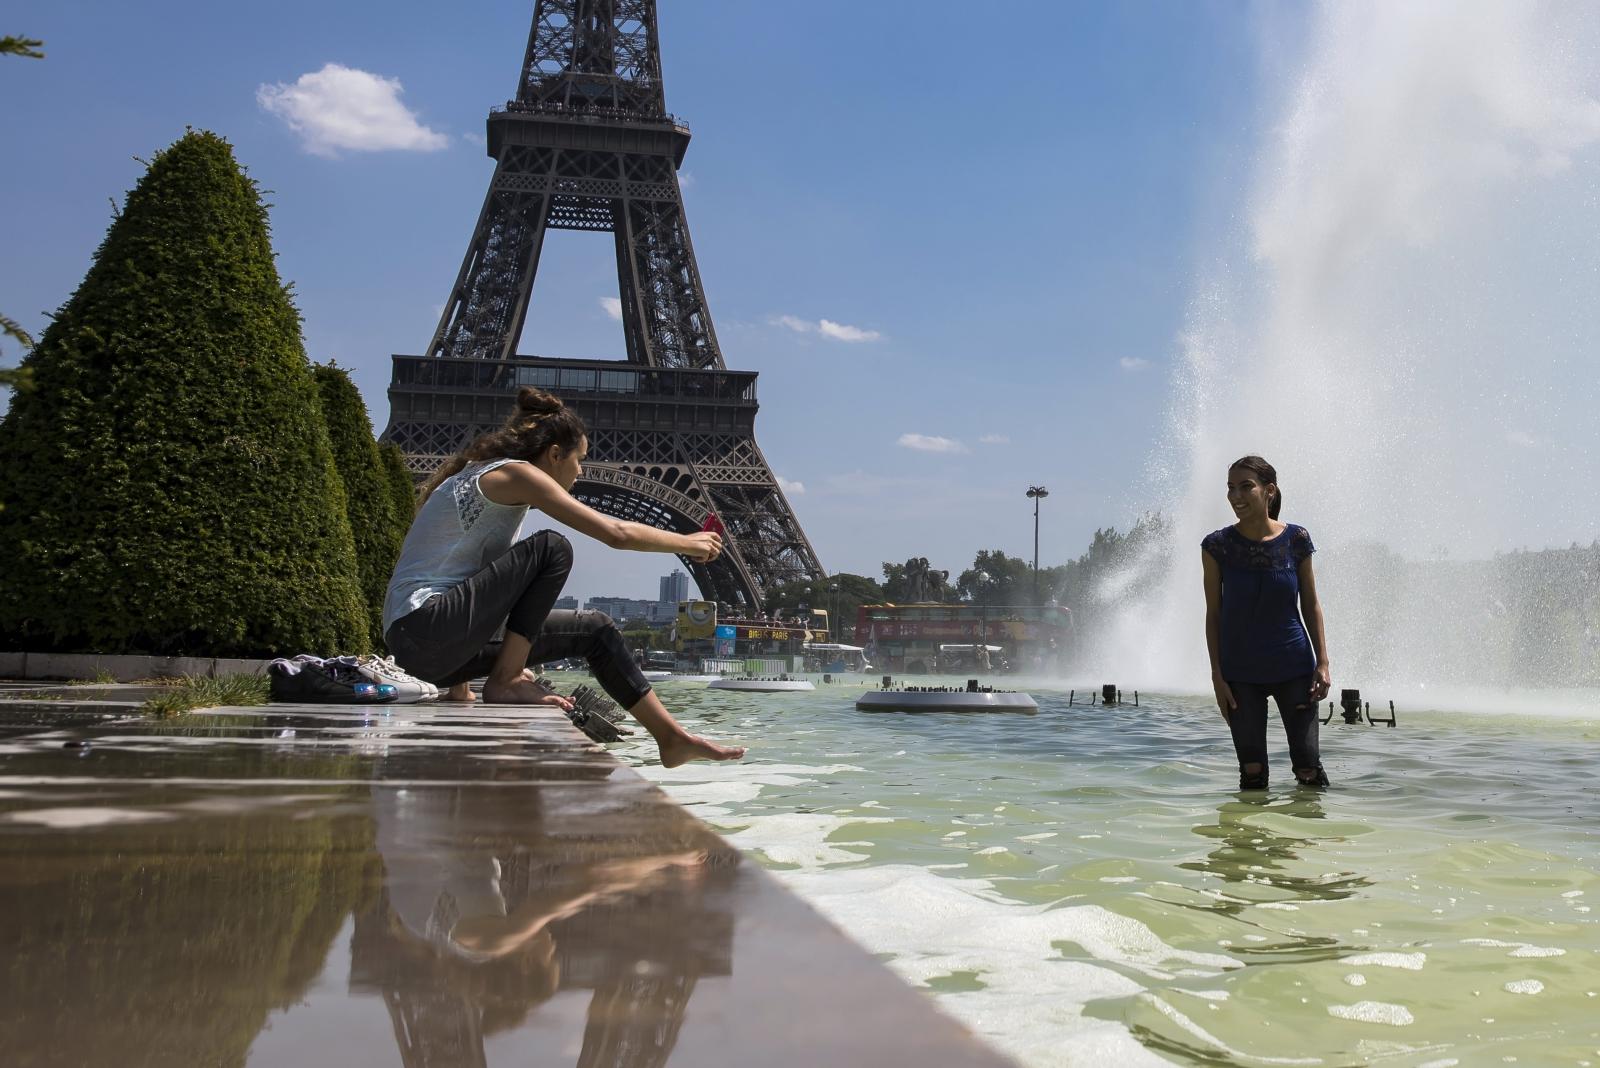 Upały w Paryżu